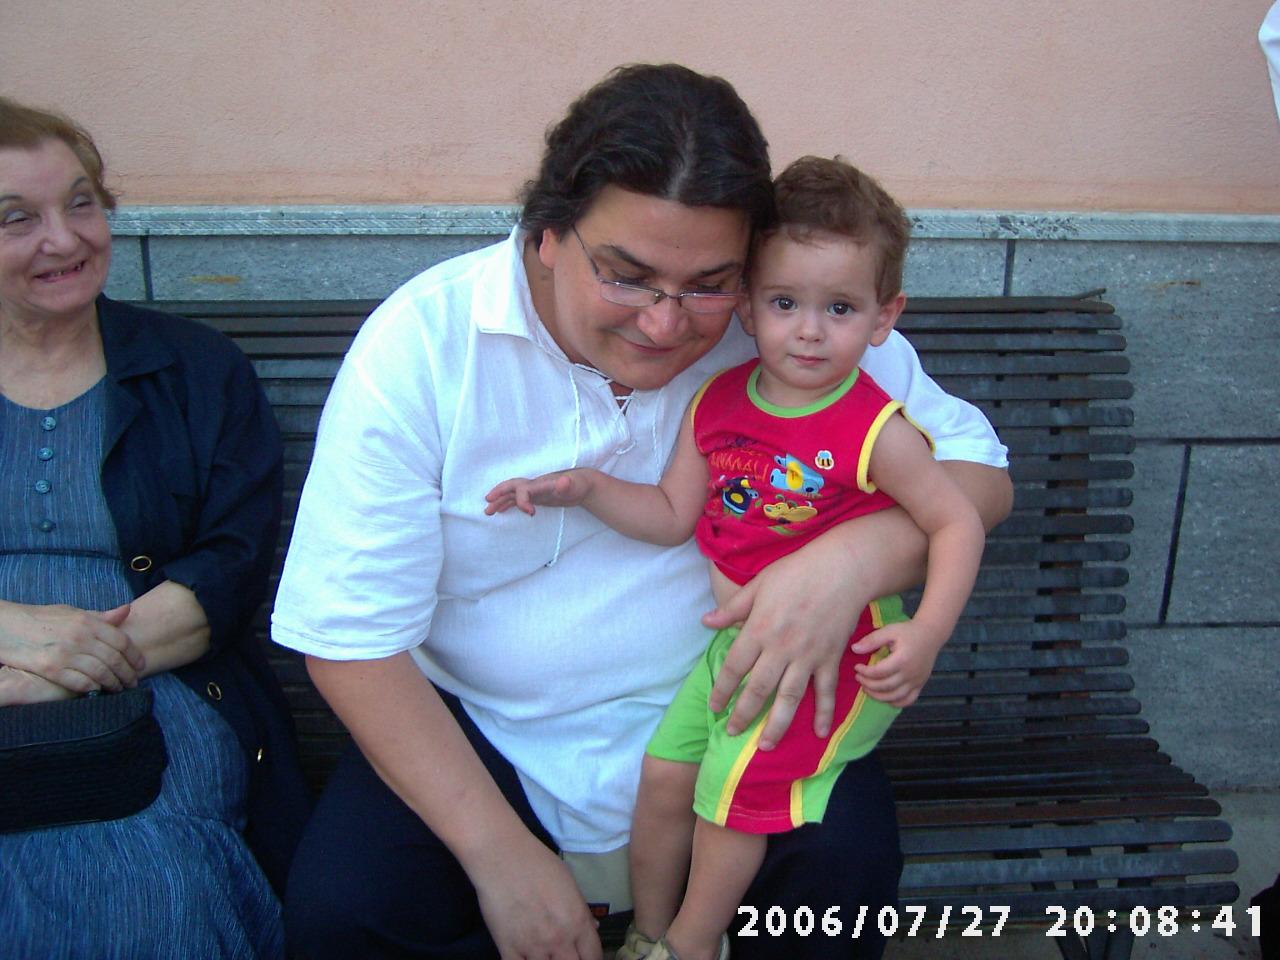 Reggio Calabria 2006